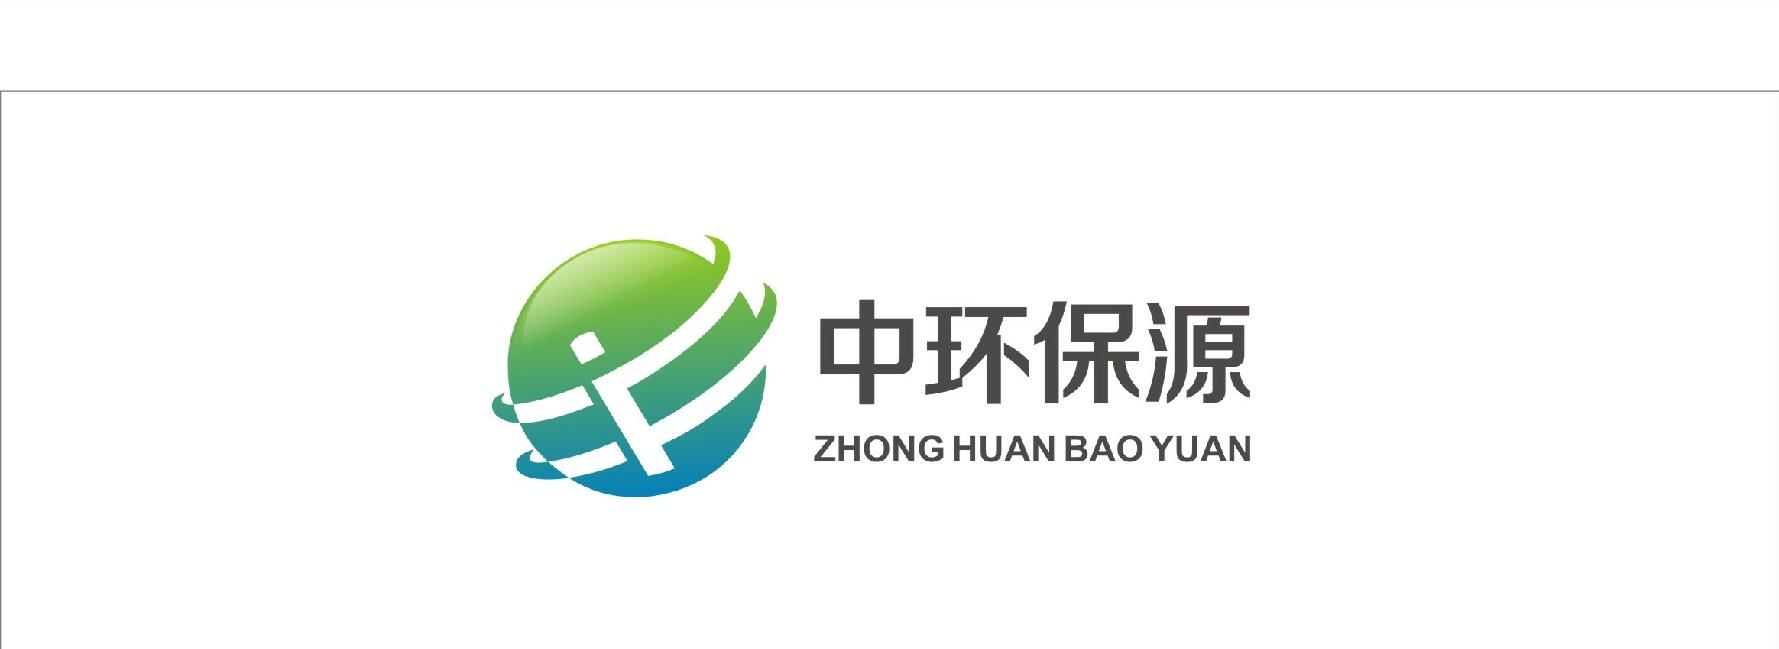 四川中环保源科技有限公司